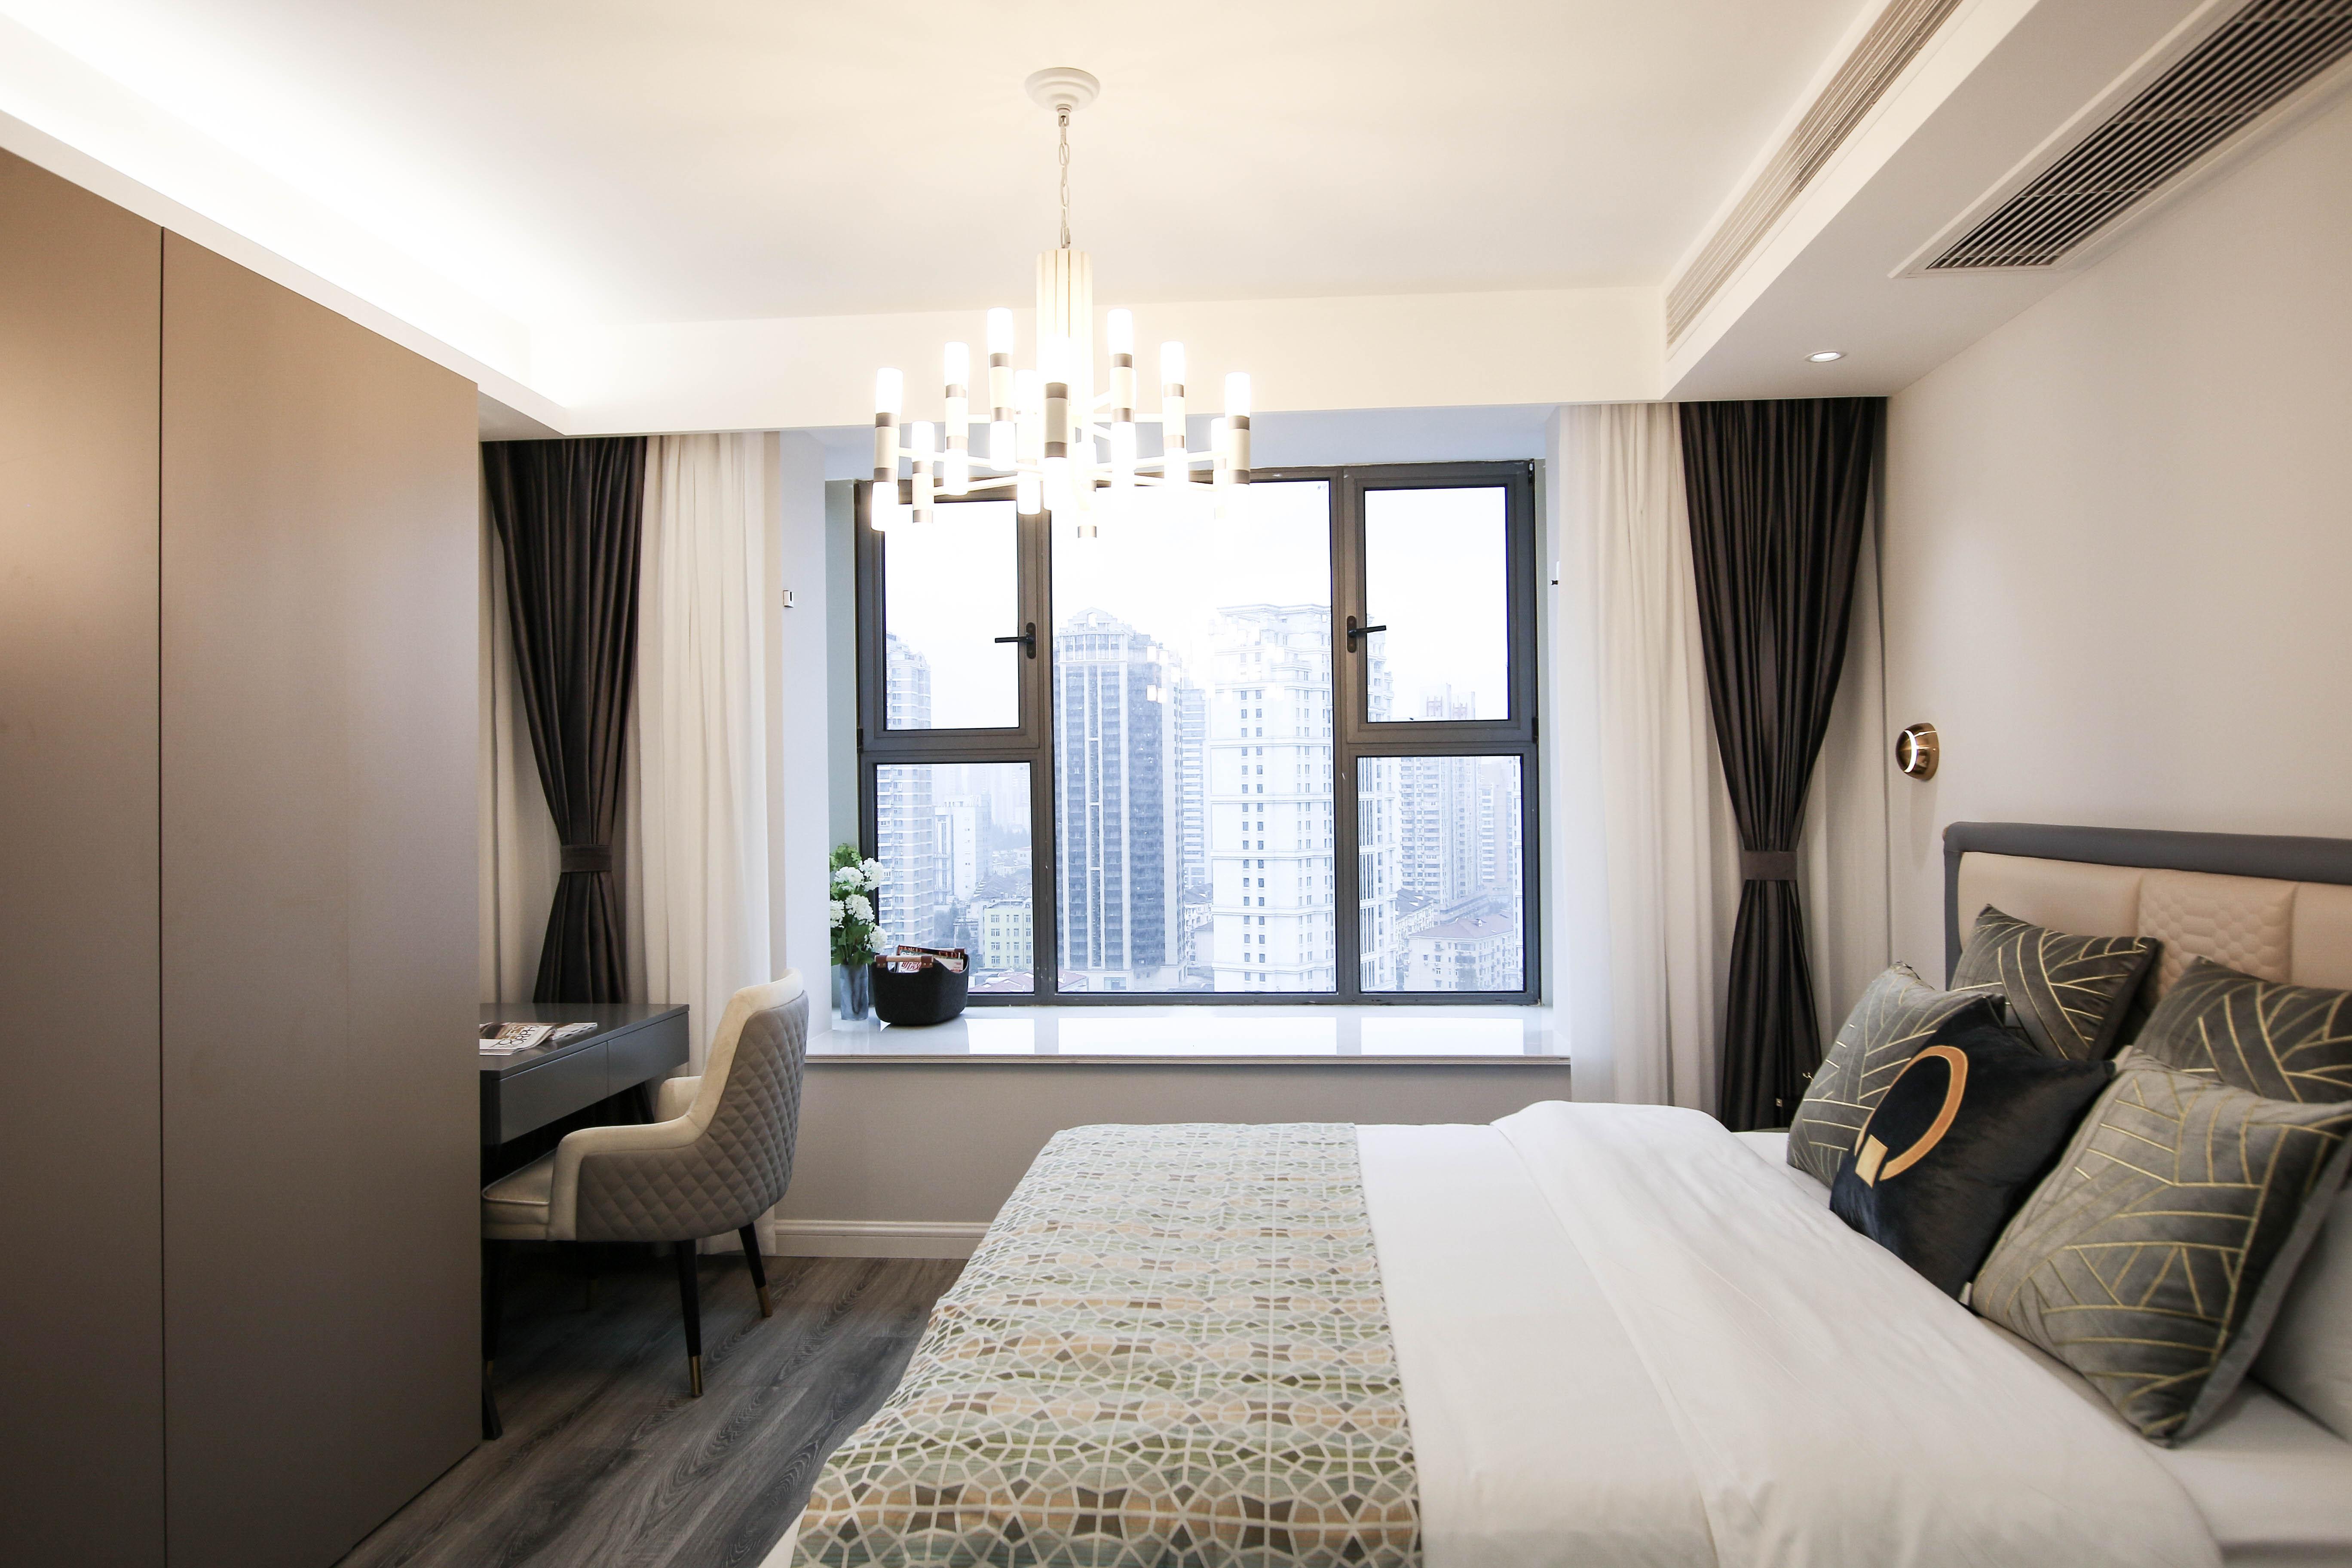 现代轻奢一居室装修飘窗设计图